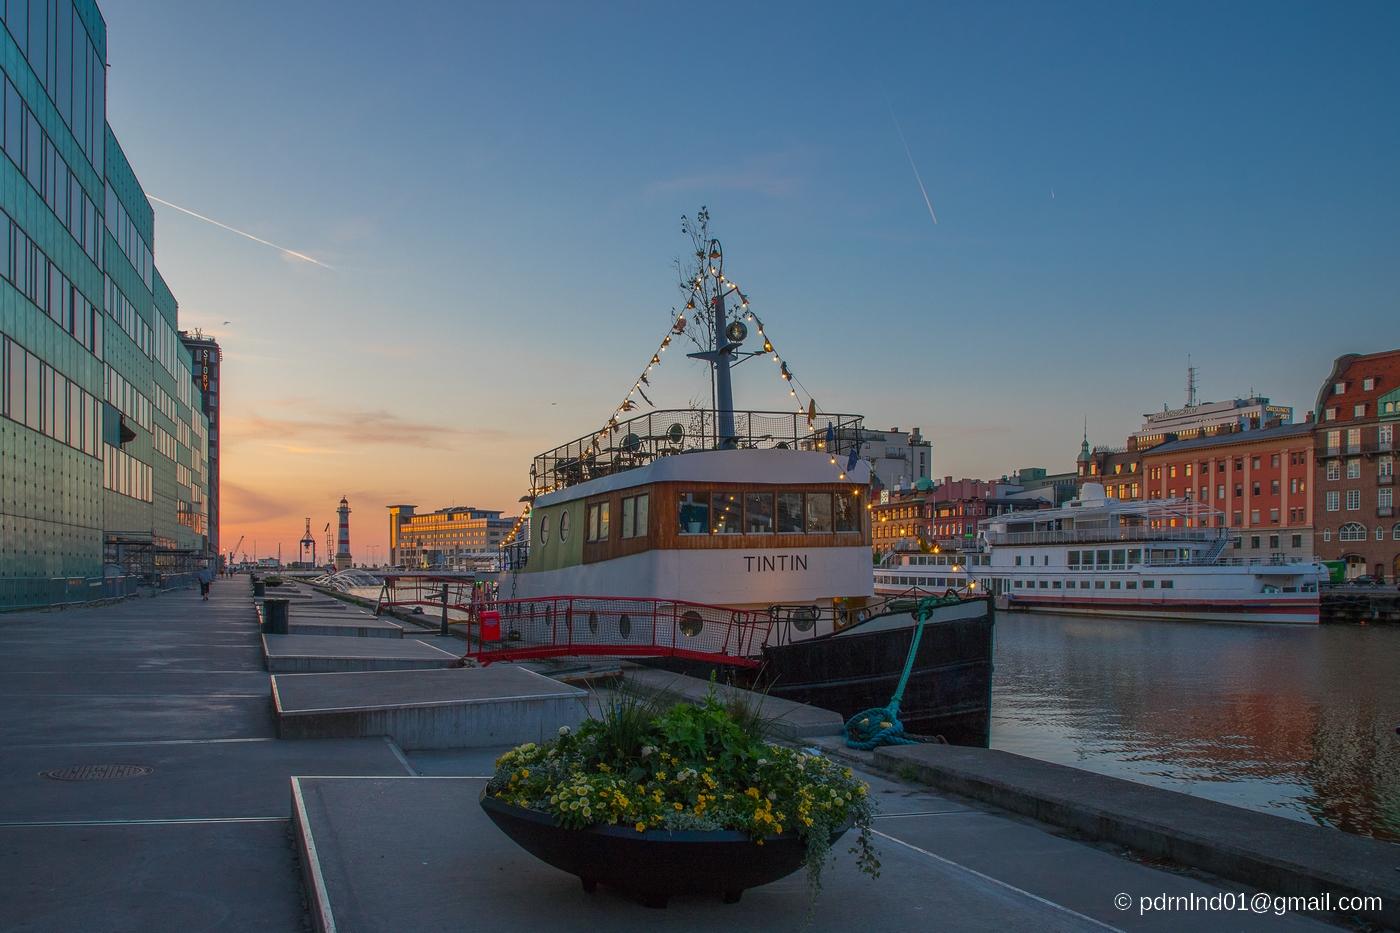 Malmö och båten Tintin vid kaj